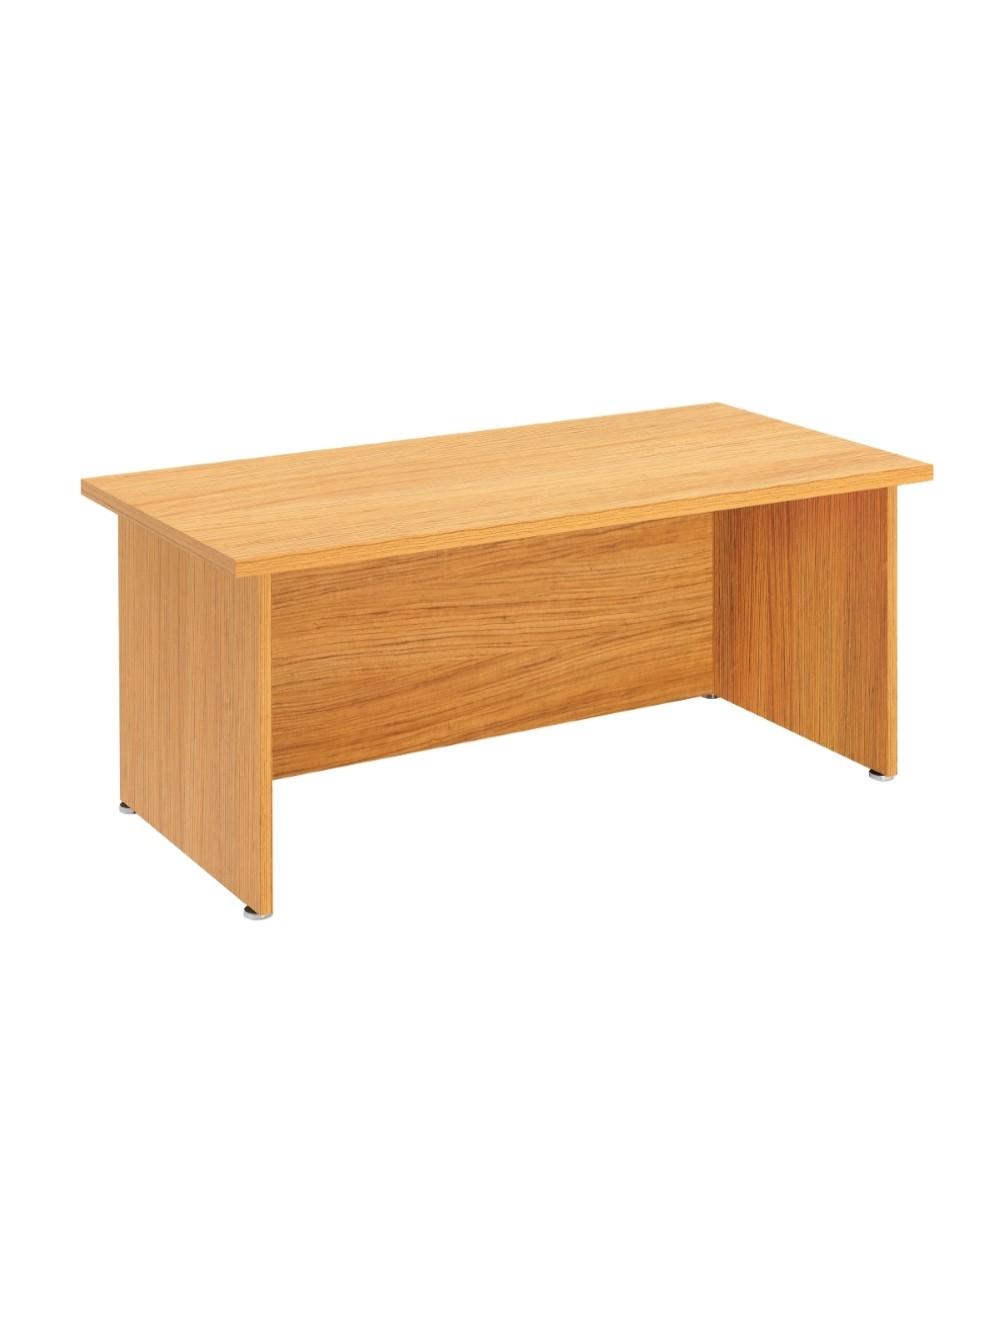 Walnut Office Desks TC Regent Executive Desk TR1890LW | 121 Office Furniture